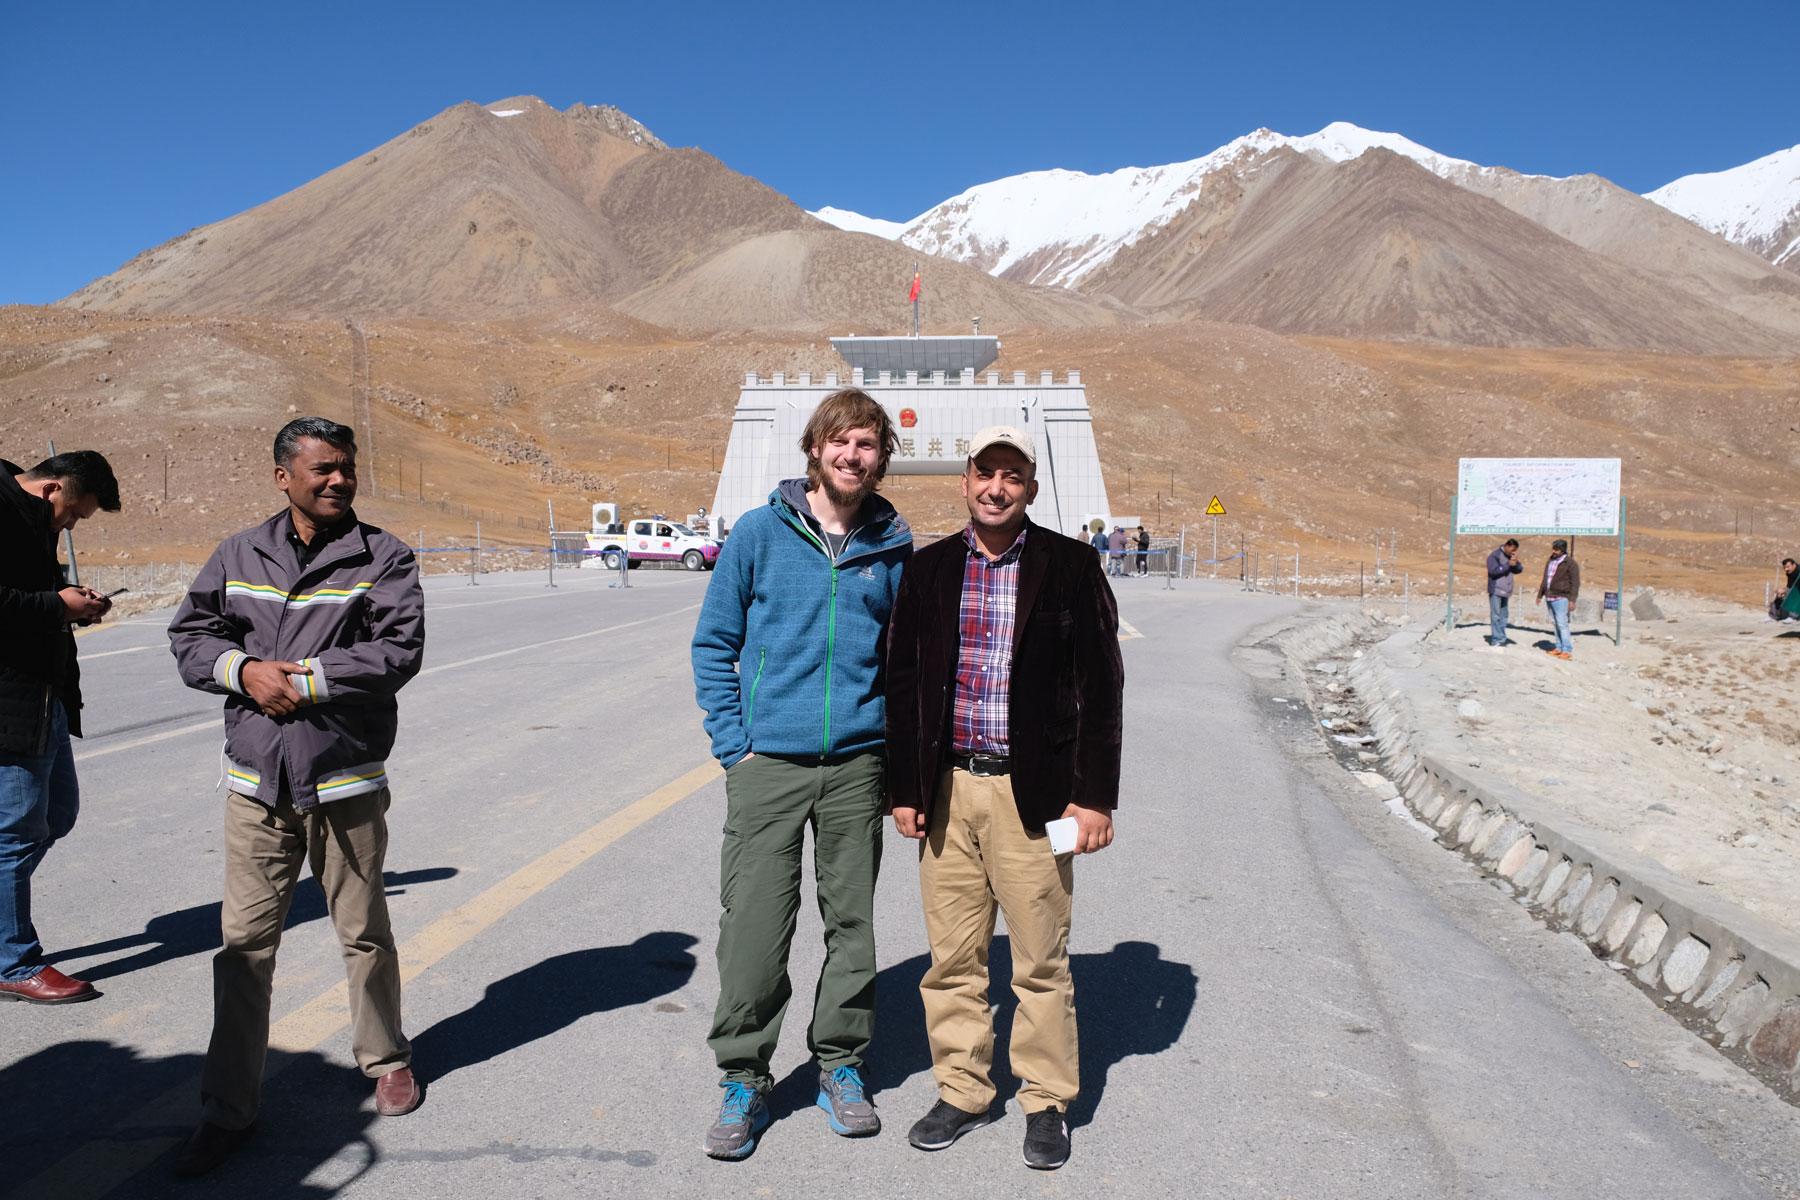 Auf dieser besonderen Fahrt lernen wir Sarfaraz Ali kennen, den wir tatsächlich einige Wochen später in einem kleinen Dörfchen in Nordostpakistan zufällig wiedertreffen werden!